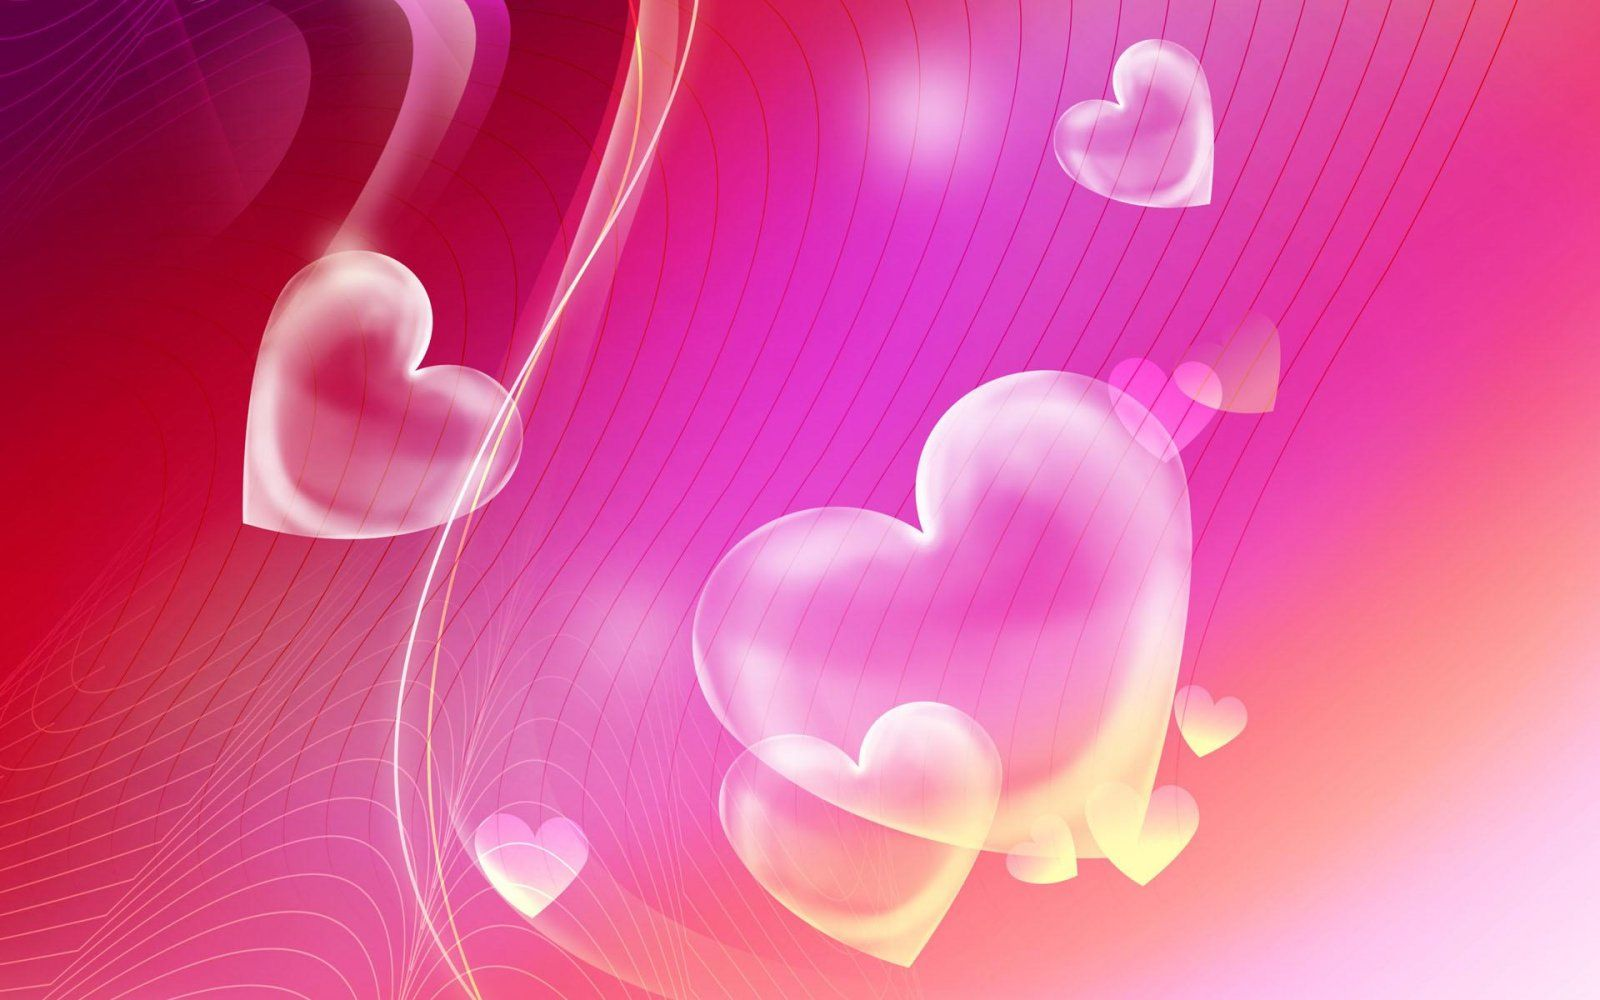 Corazones En El Aire Pink Heart Background Heart Wallpaper Pink Heart Wallpaper